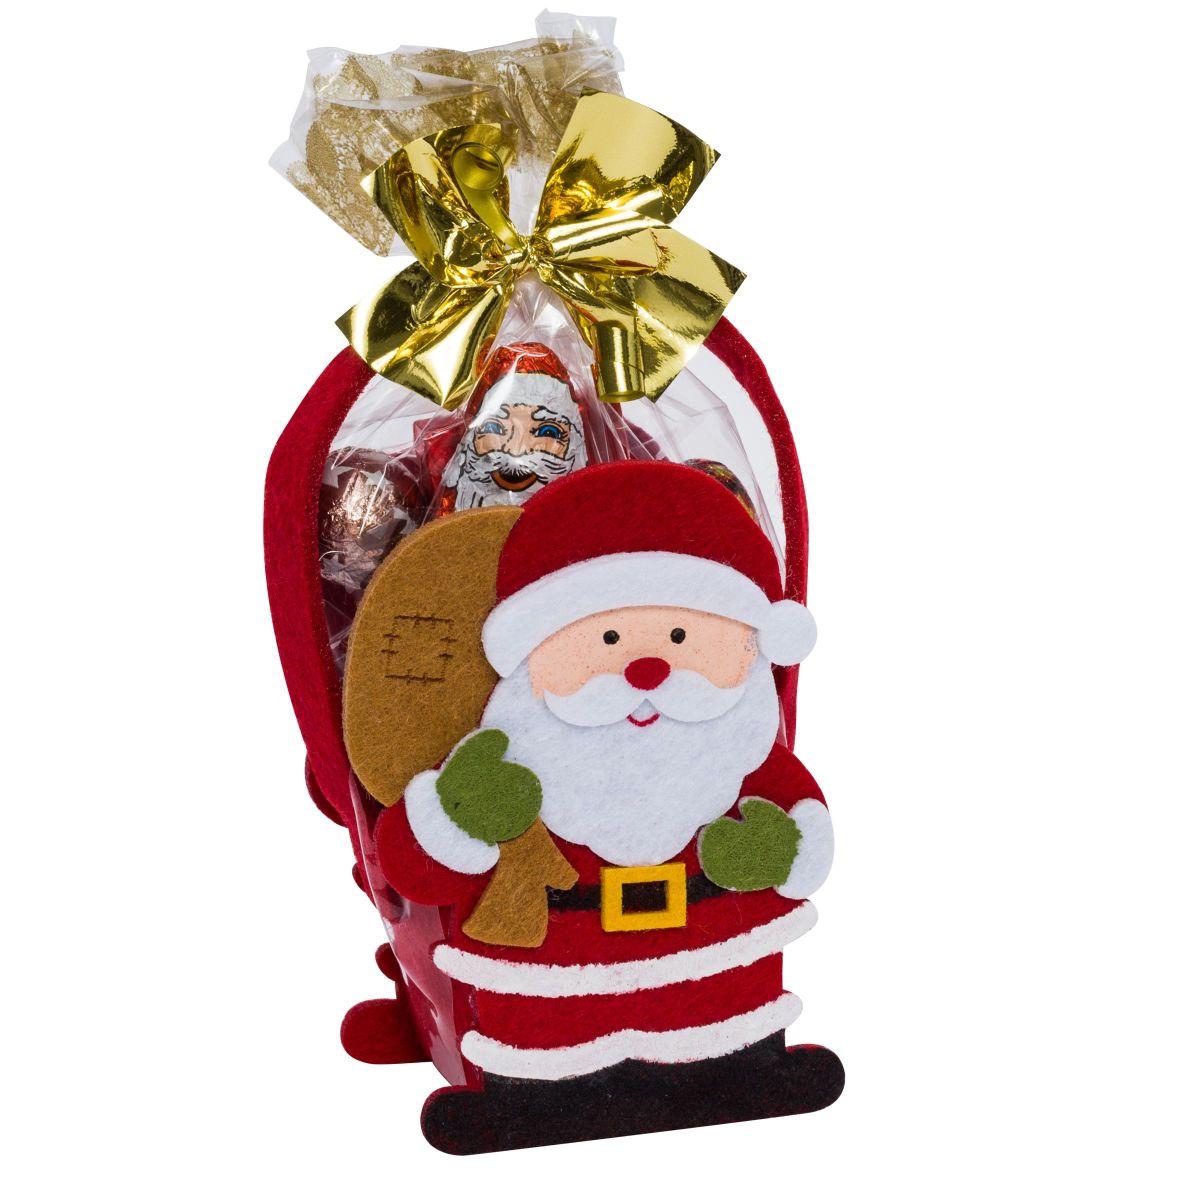 Weihnachts-Filztäschchen, 50g Schokolade - einfach-geschenke-finden.de